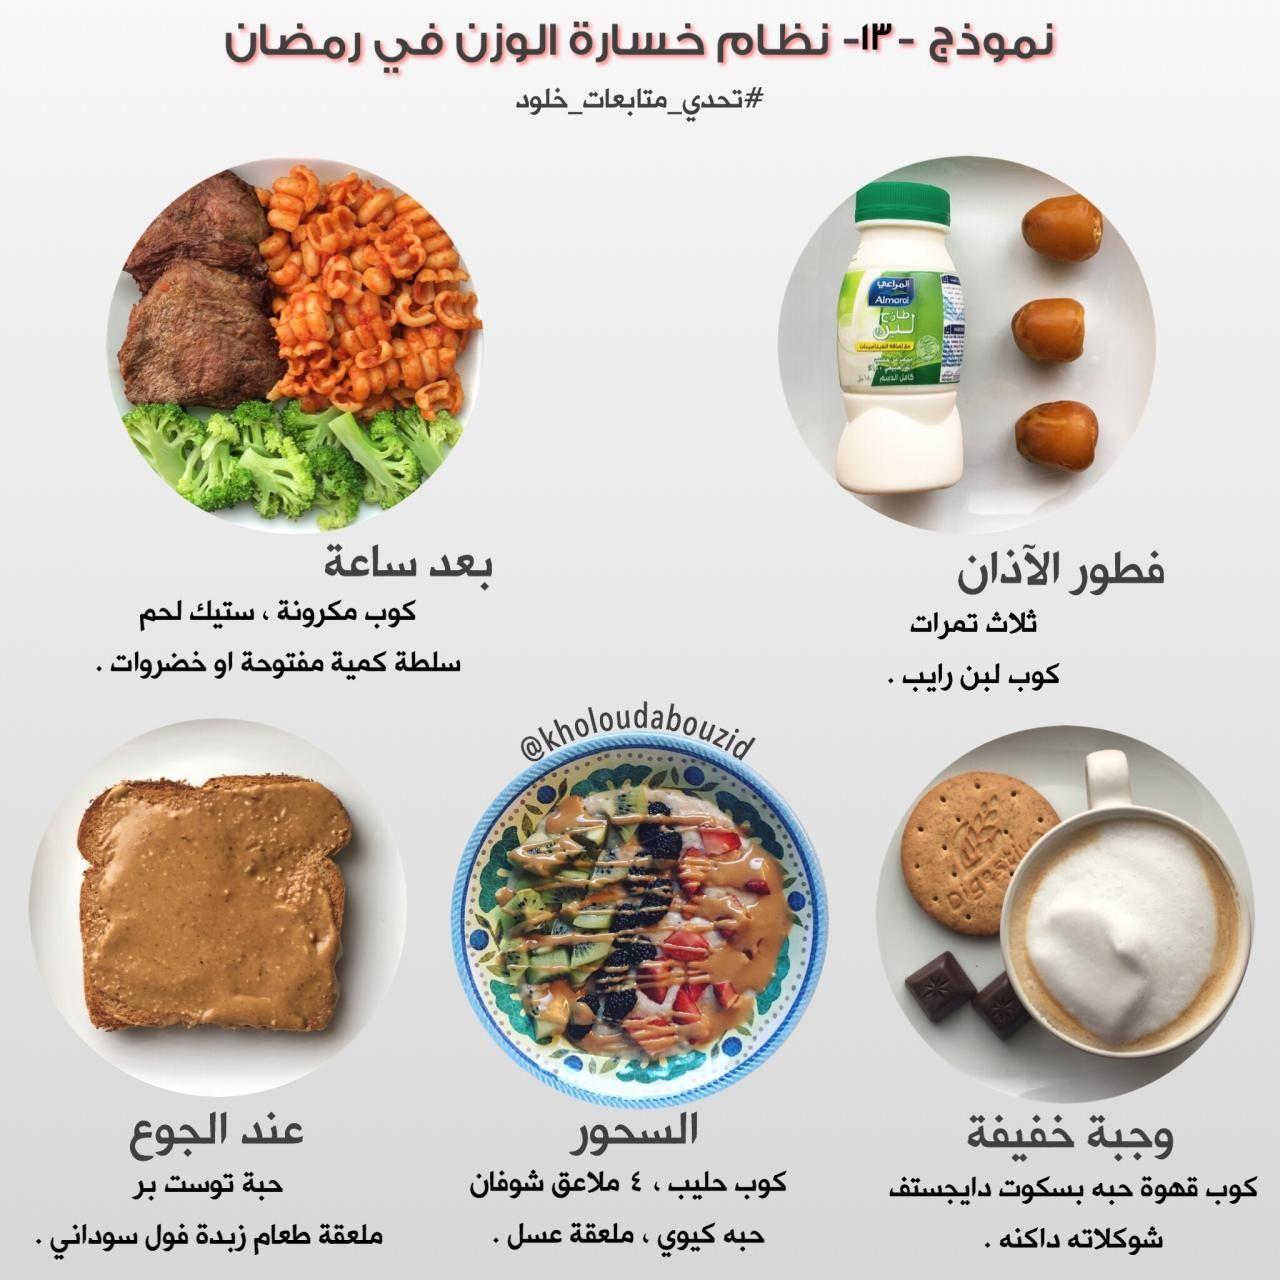 نموذج لرجيم رمضان Health Facts Food Health Fitness Food Healty Food